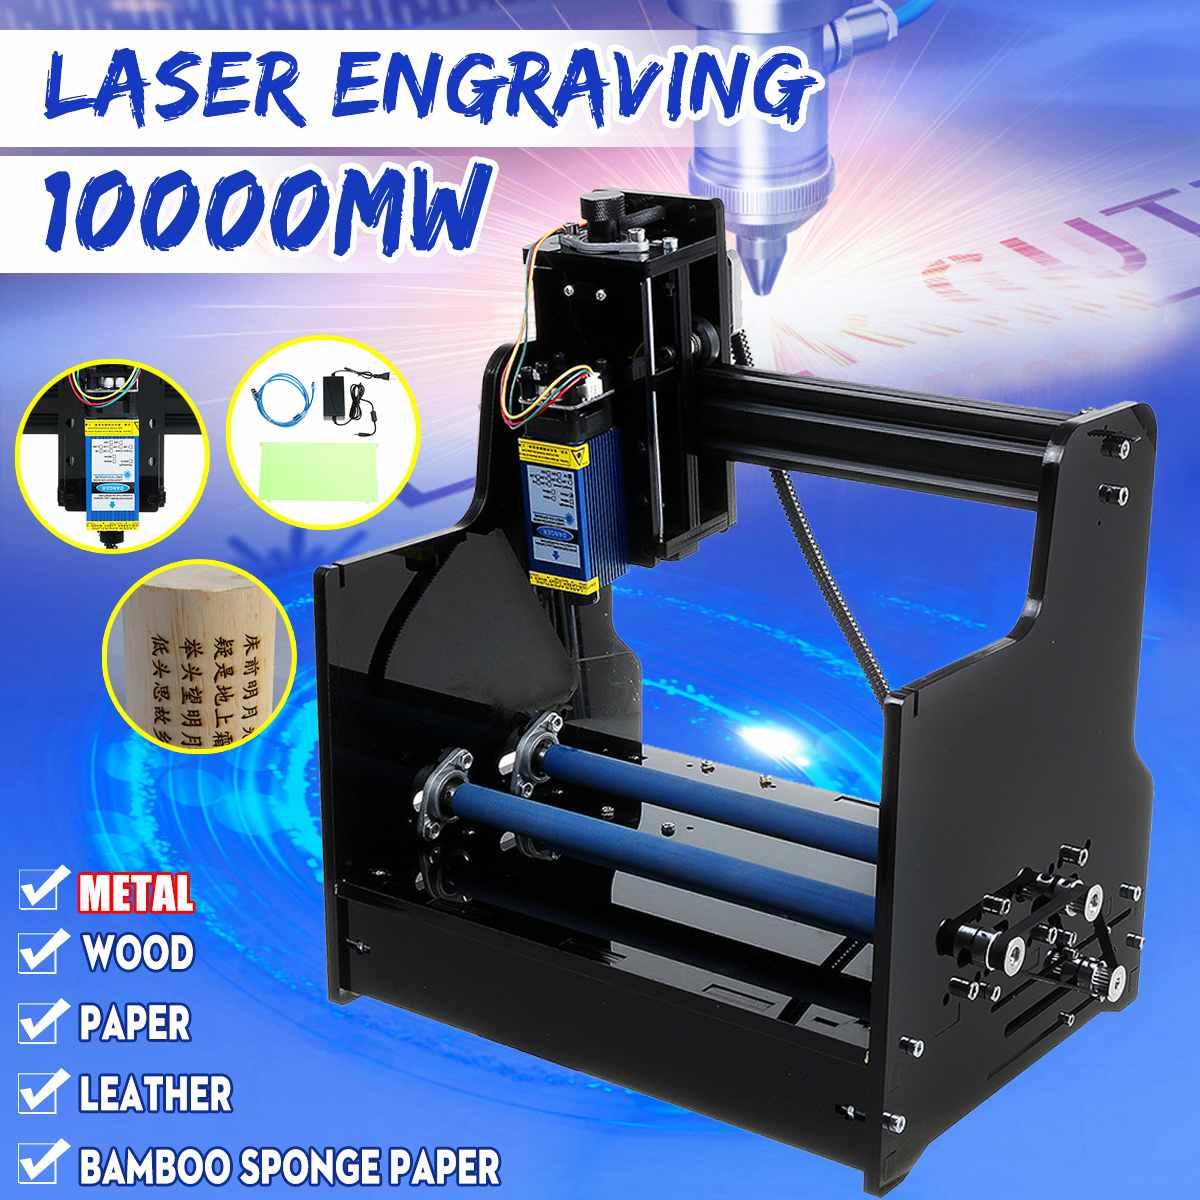 10000MW Diy Mini Laser Engraver Engraving Machine Metal Engraving Machine Desktop CNC Wood Router Printer Metal Carving Tools